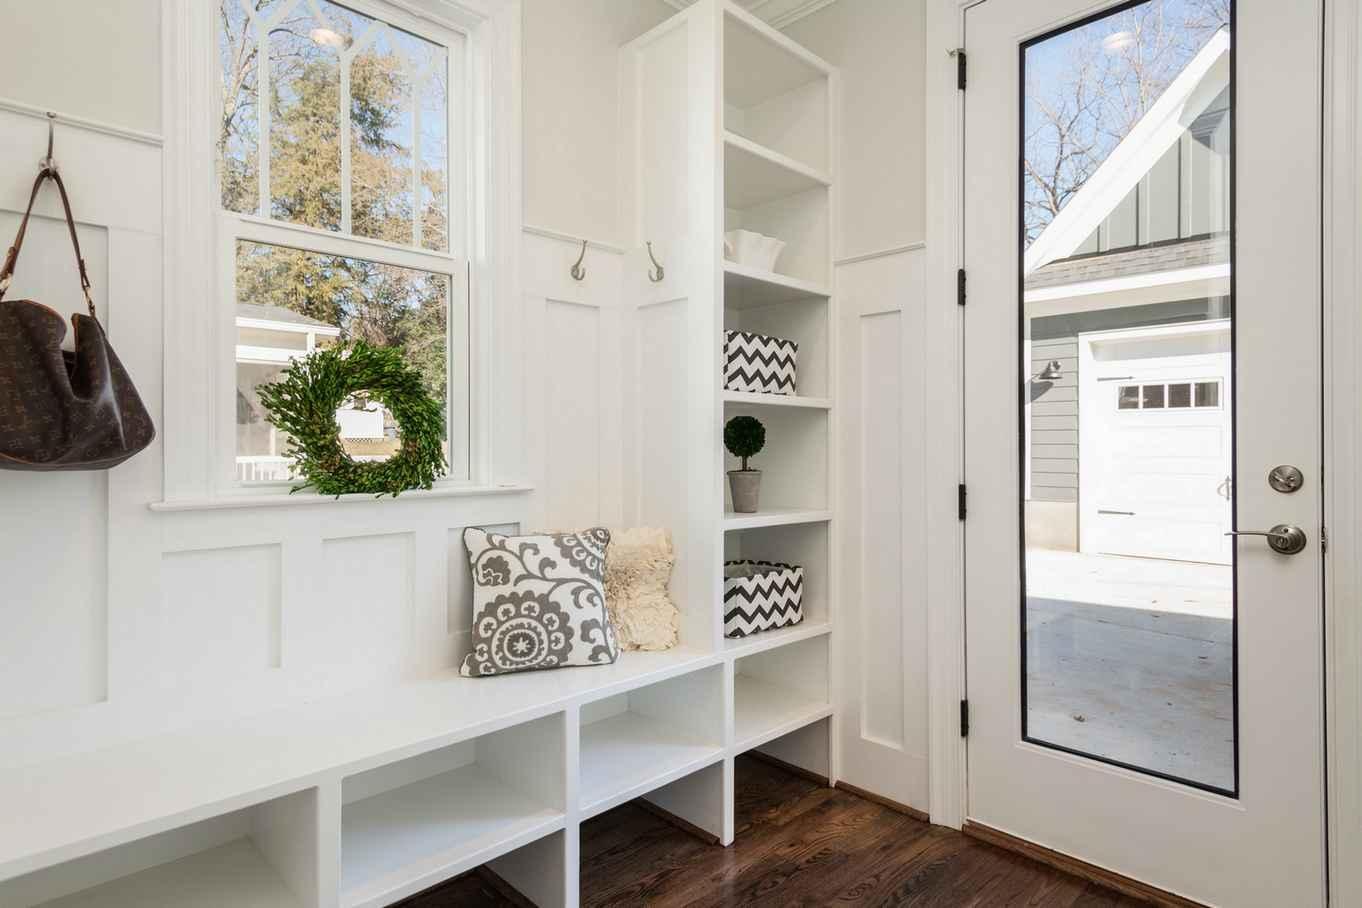 d sencombrer sa maison pour se retrouver slow deco. Black Bedroom Furniture Sets. Home Design Ideas